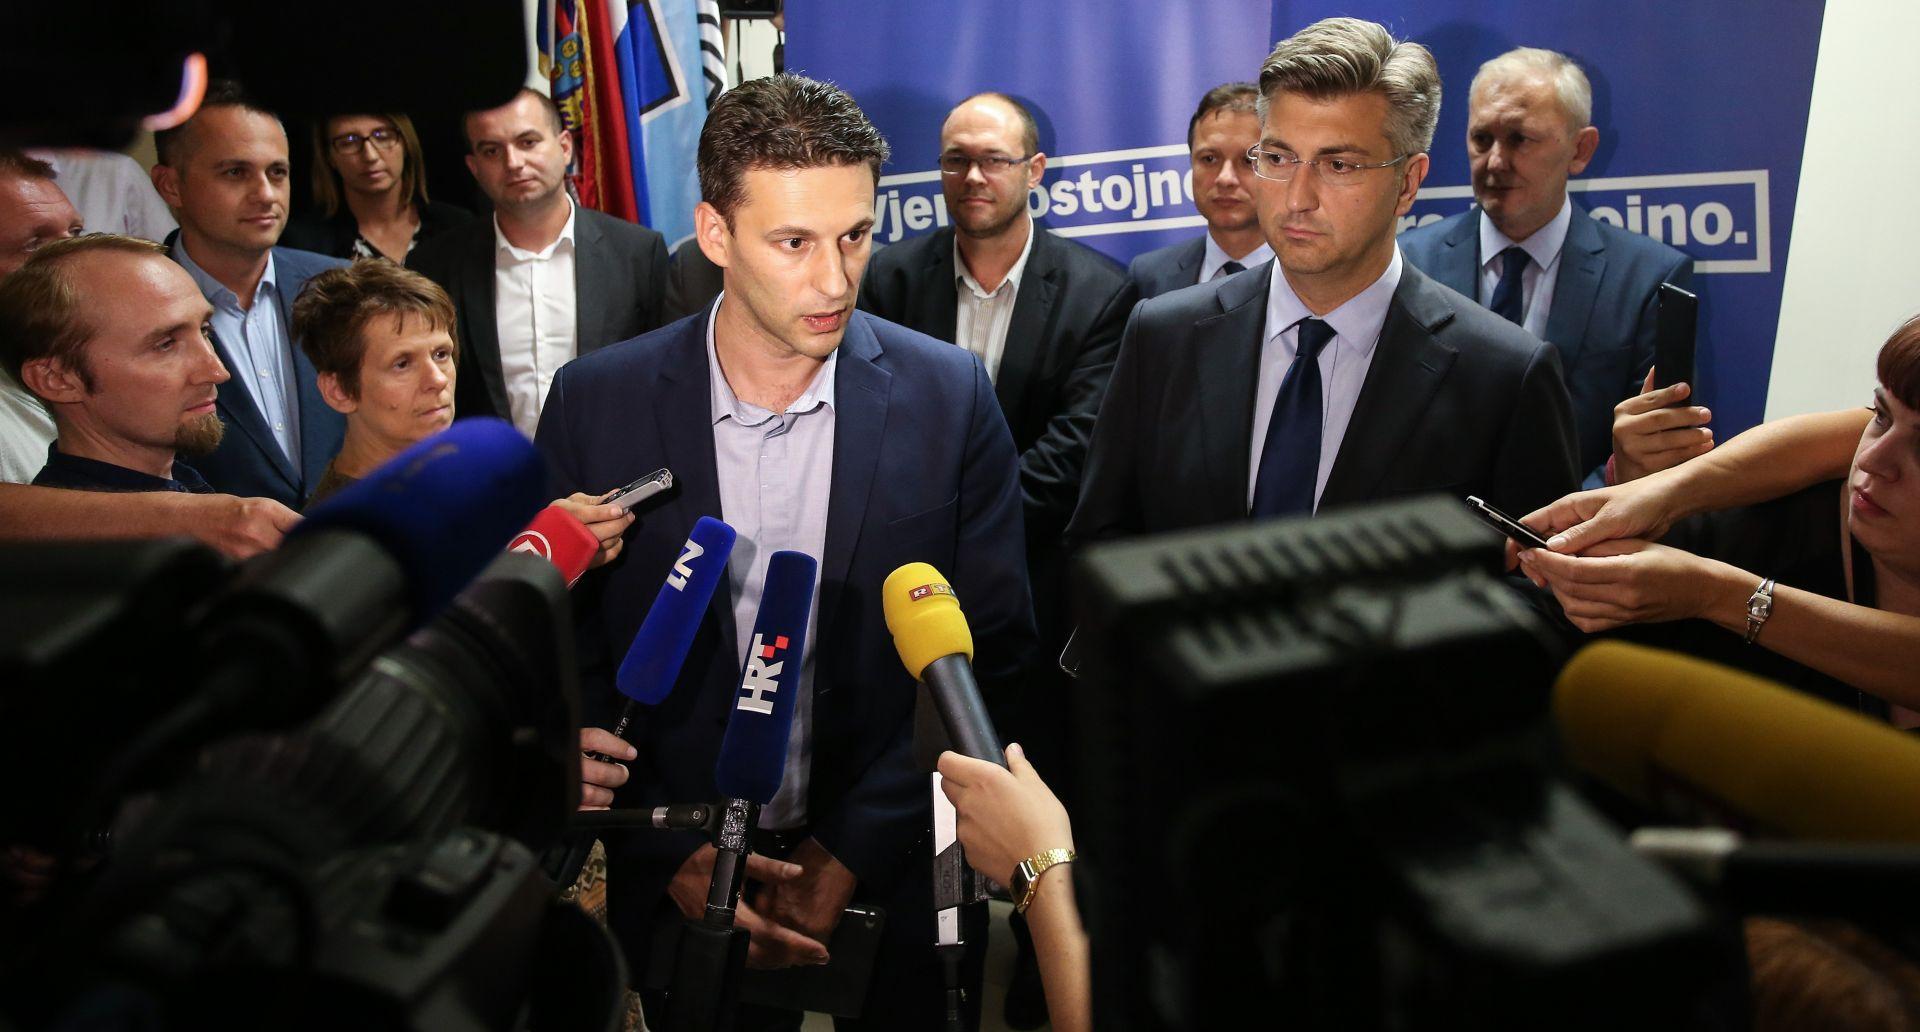 NOVI UVJETI U PREGOVORIMA: Most traži sedam ministarstava i jedan poseban uvjet